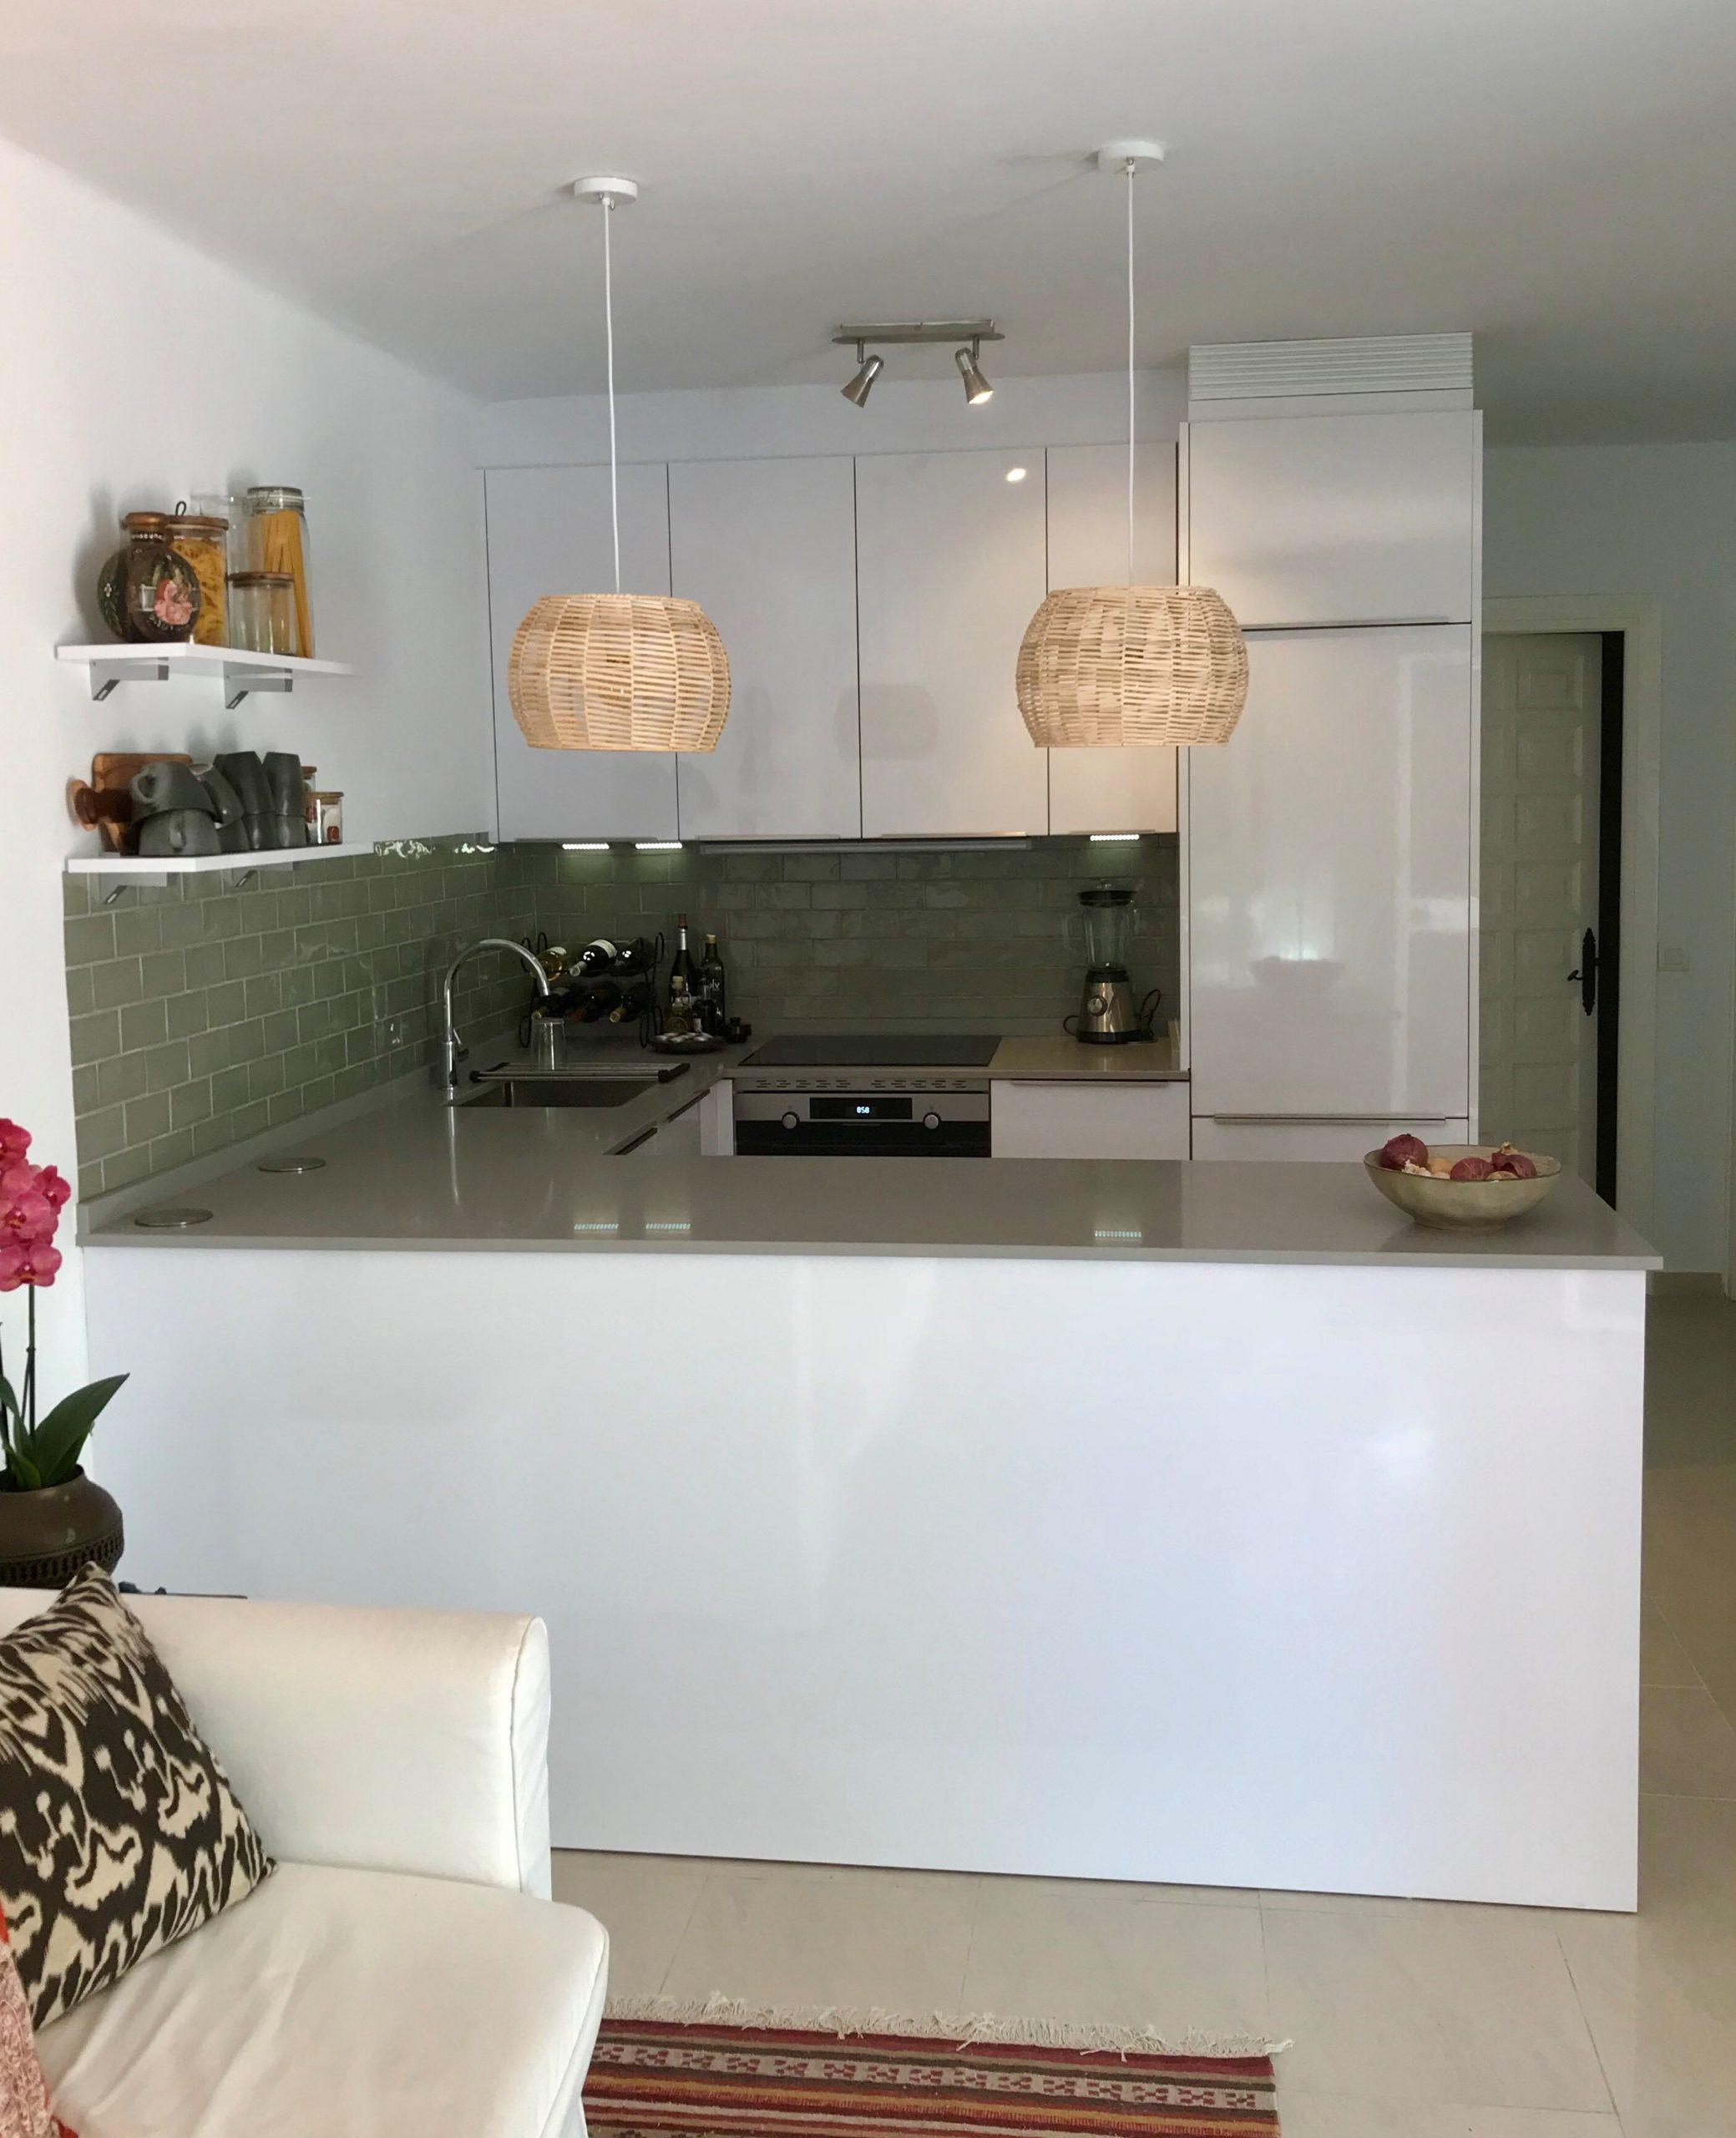 Cocinas personalizadas y exclusivas. Idecocina. Málaga